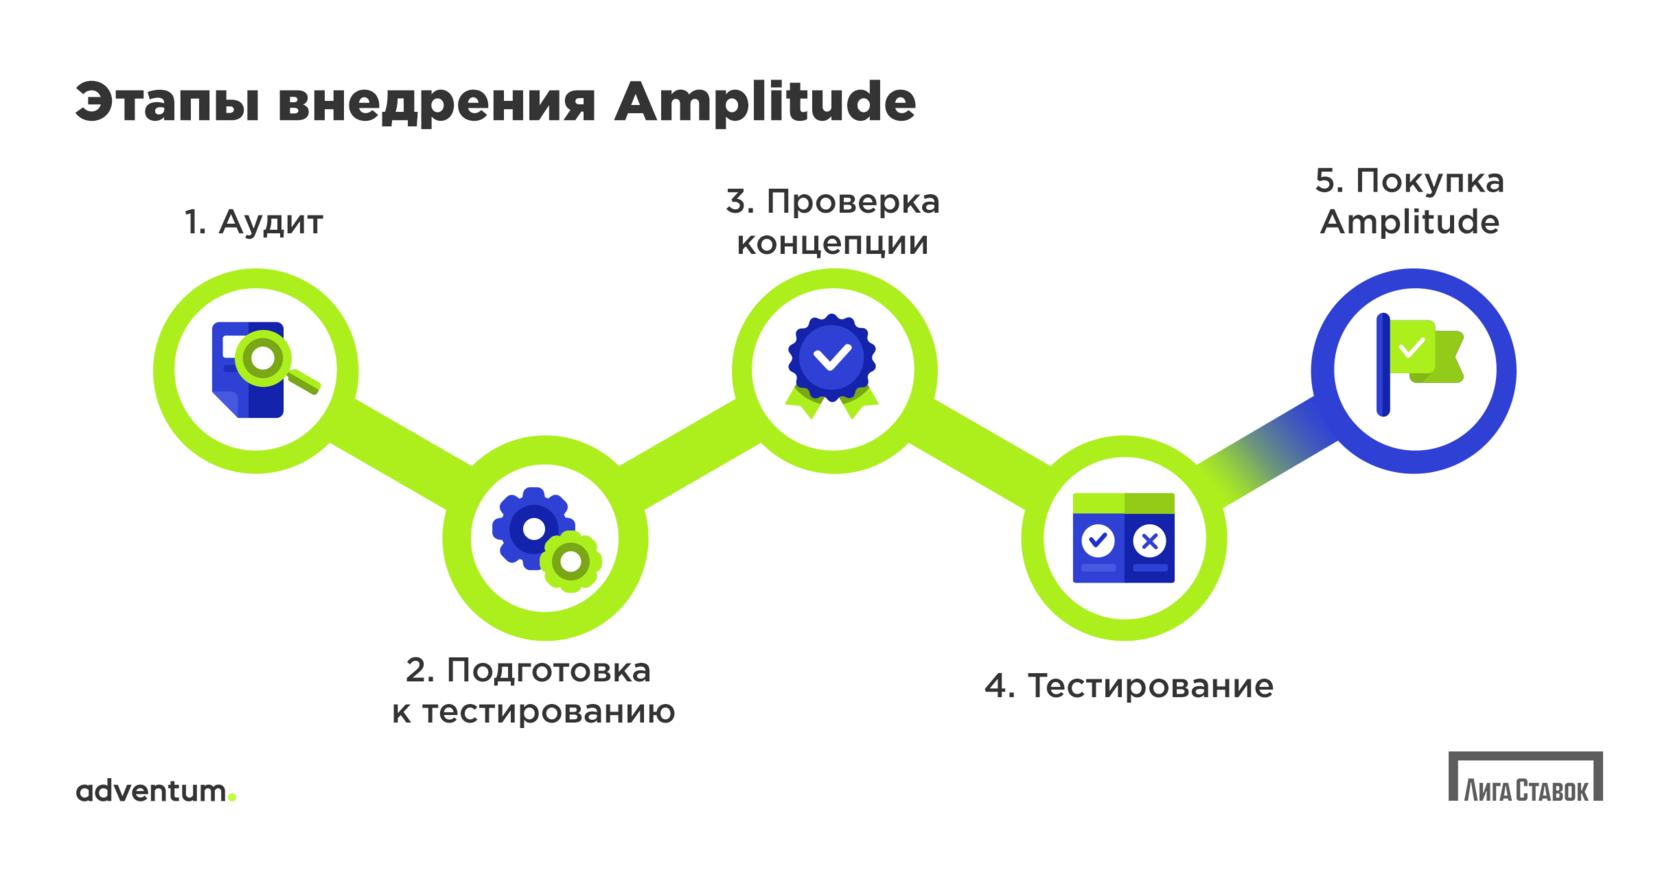 Этапы внедрения сервиса продуктовой аналитики Amplitude